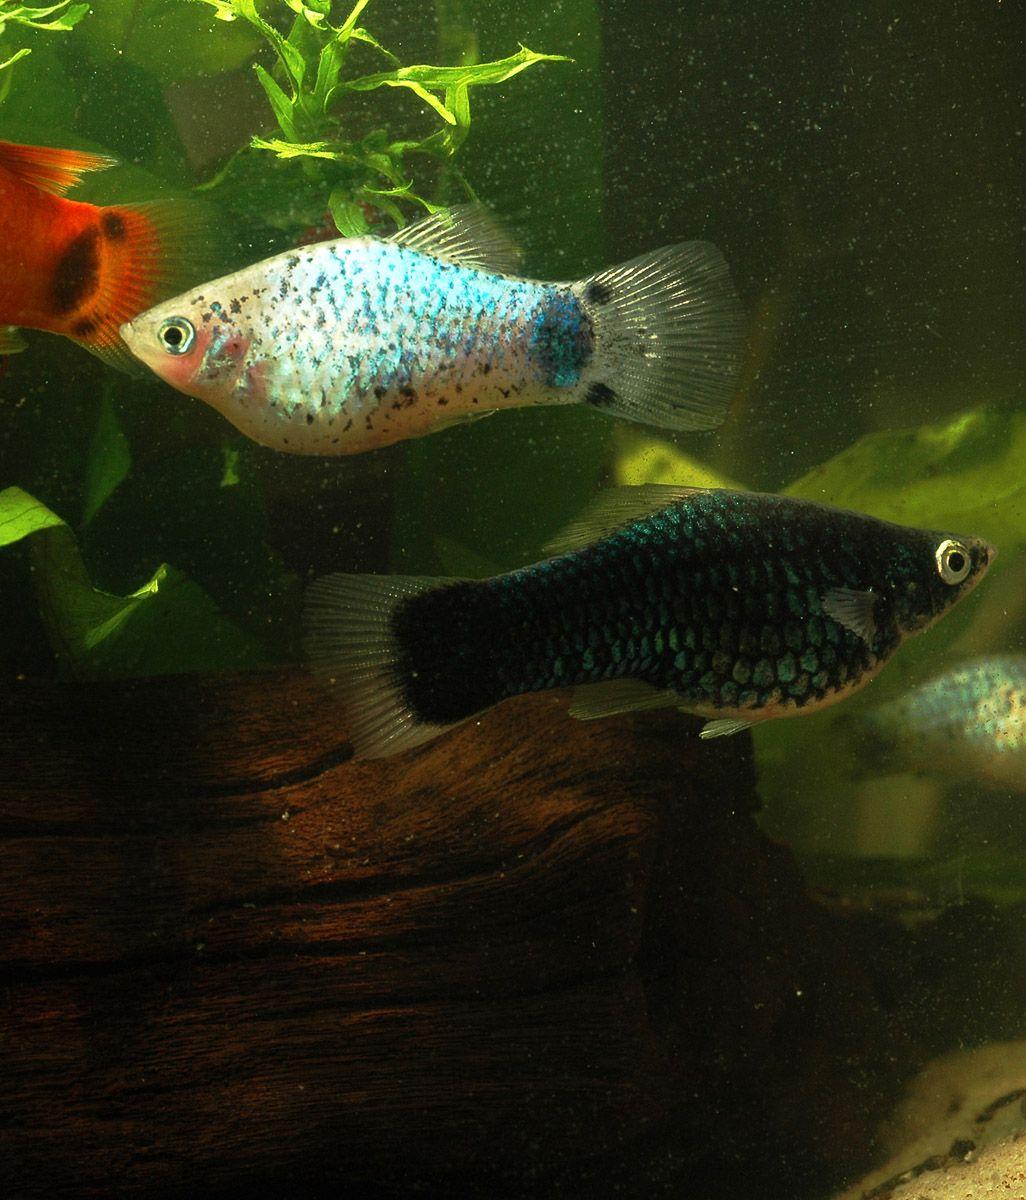 Freshwater aquarium fish profiles - Profile Of The Popular Aquarium Fish Xiphophorus Variatus Platy